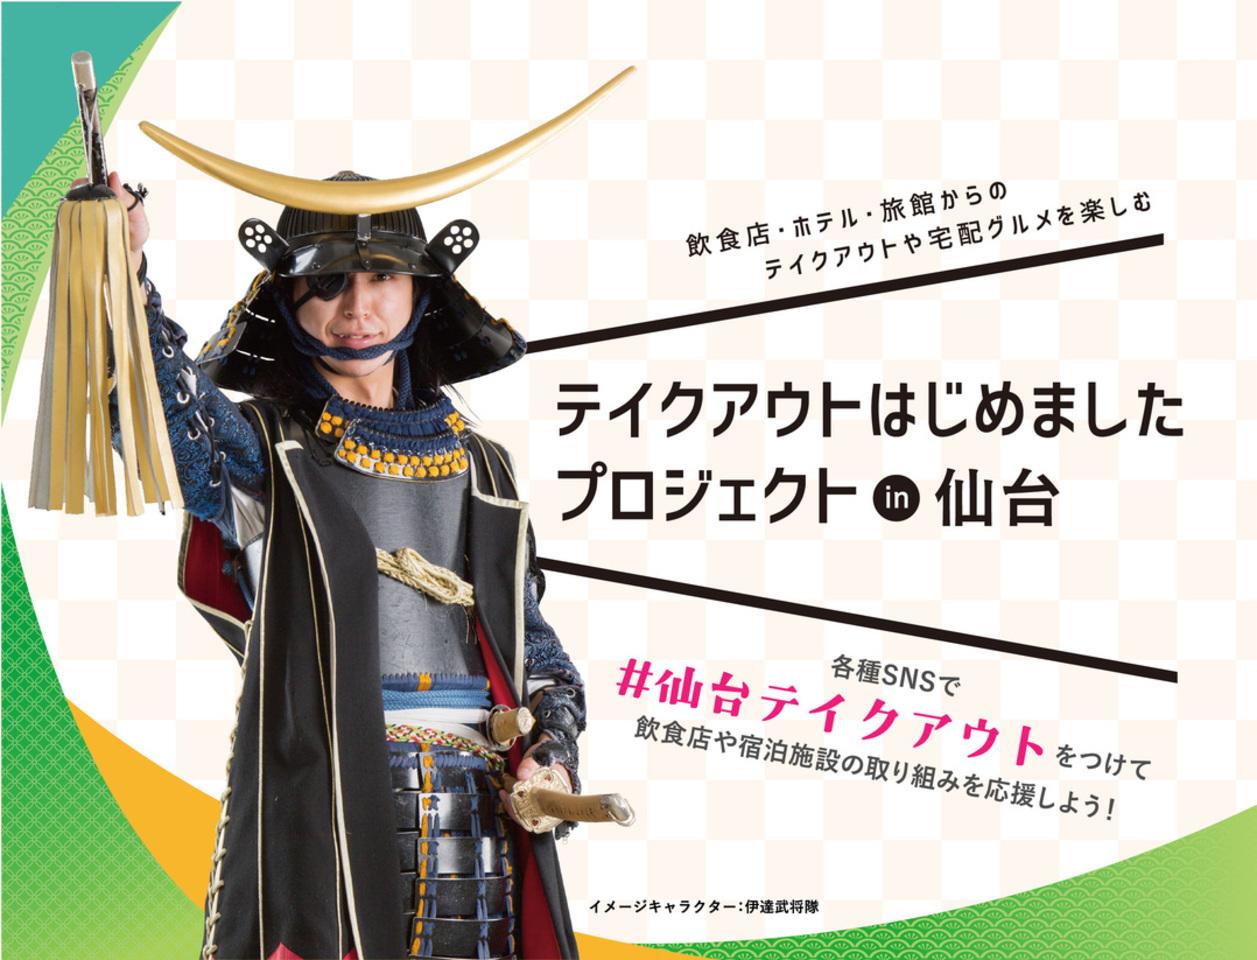 宮城県仙台市の応援ウェブサイト「テイクアウトはじめましたプロジェクトin仙台」